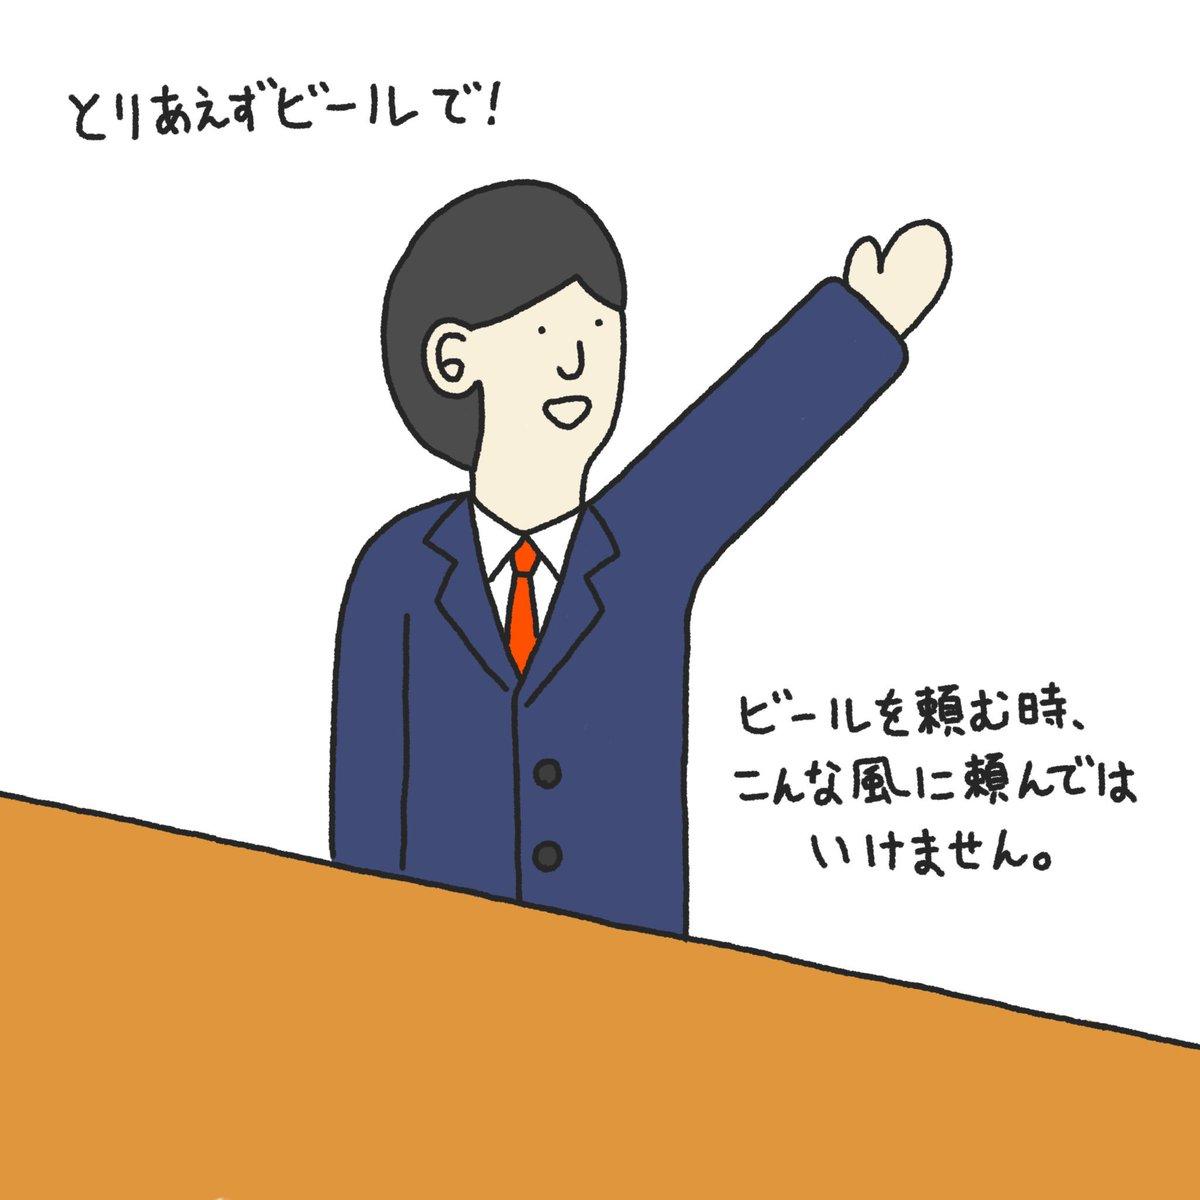 ヨシダリュウタさんの投稿画像